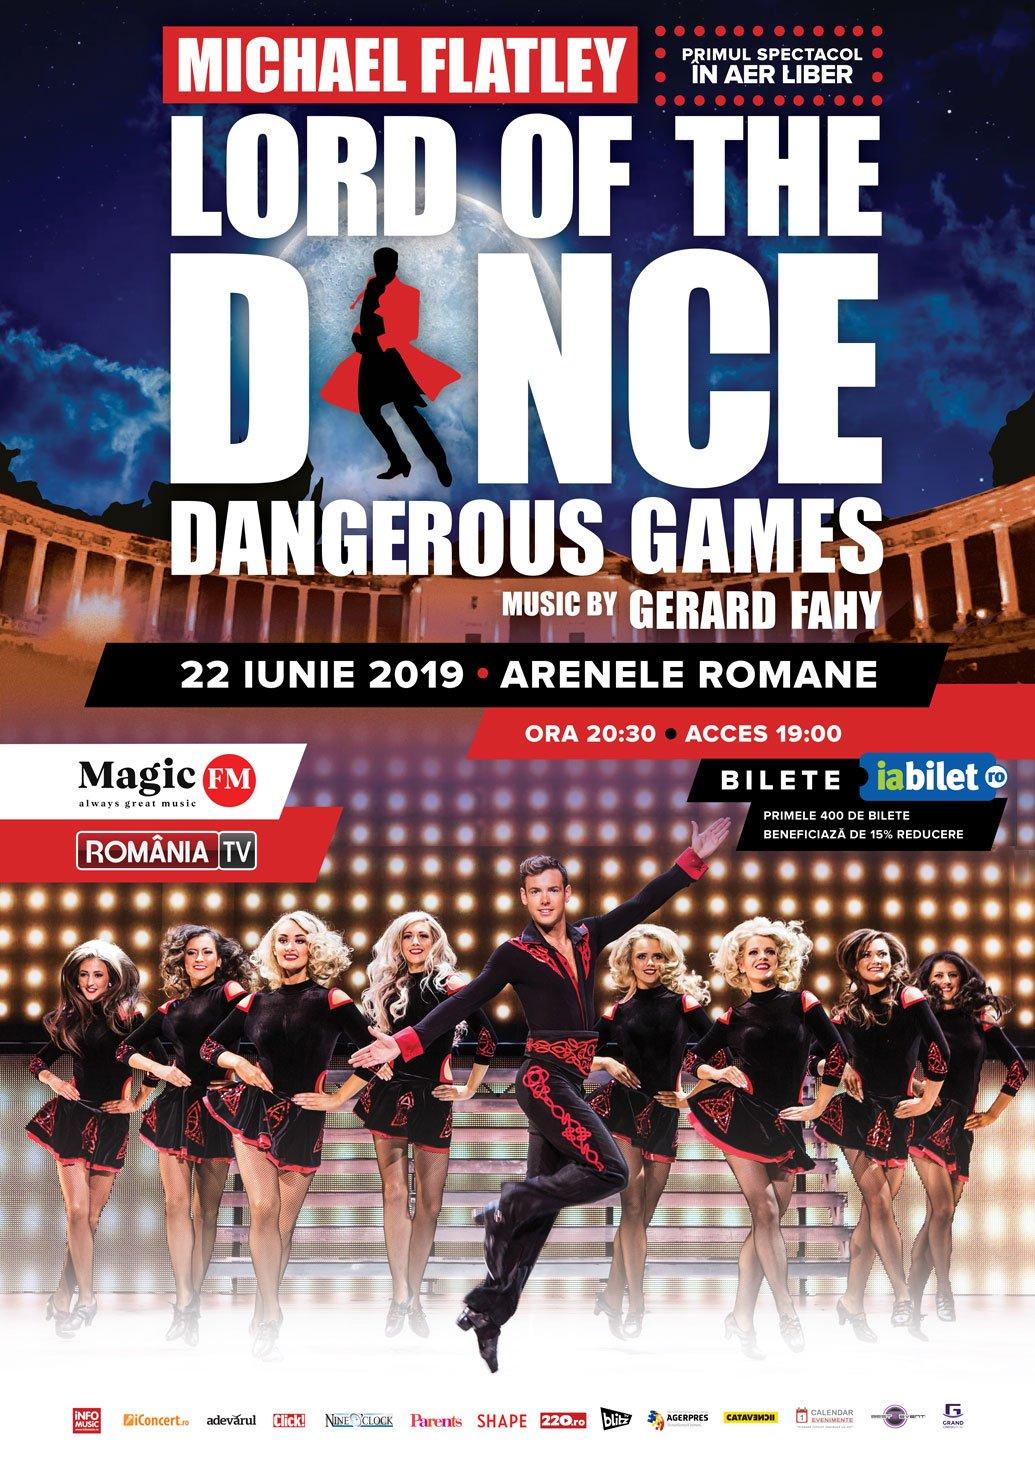 LordOfTheDance – Dangerous Games @ Bucuresti 2019